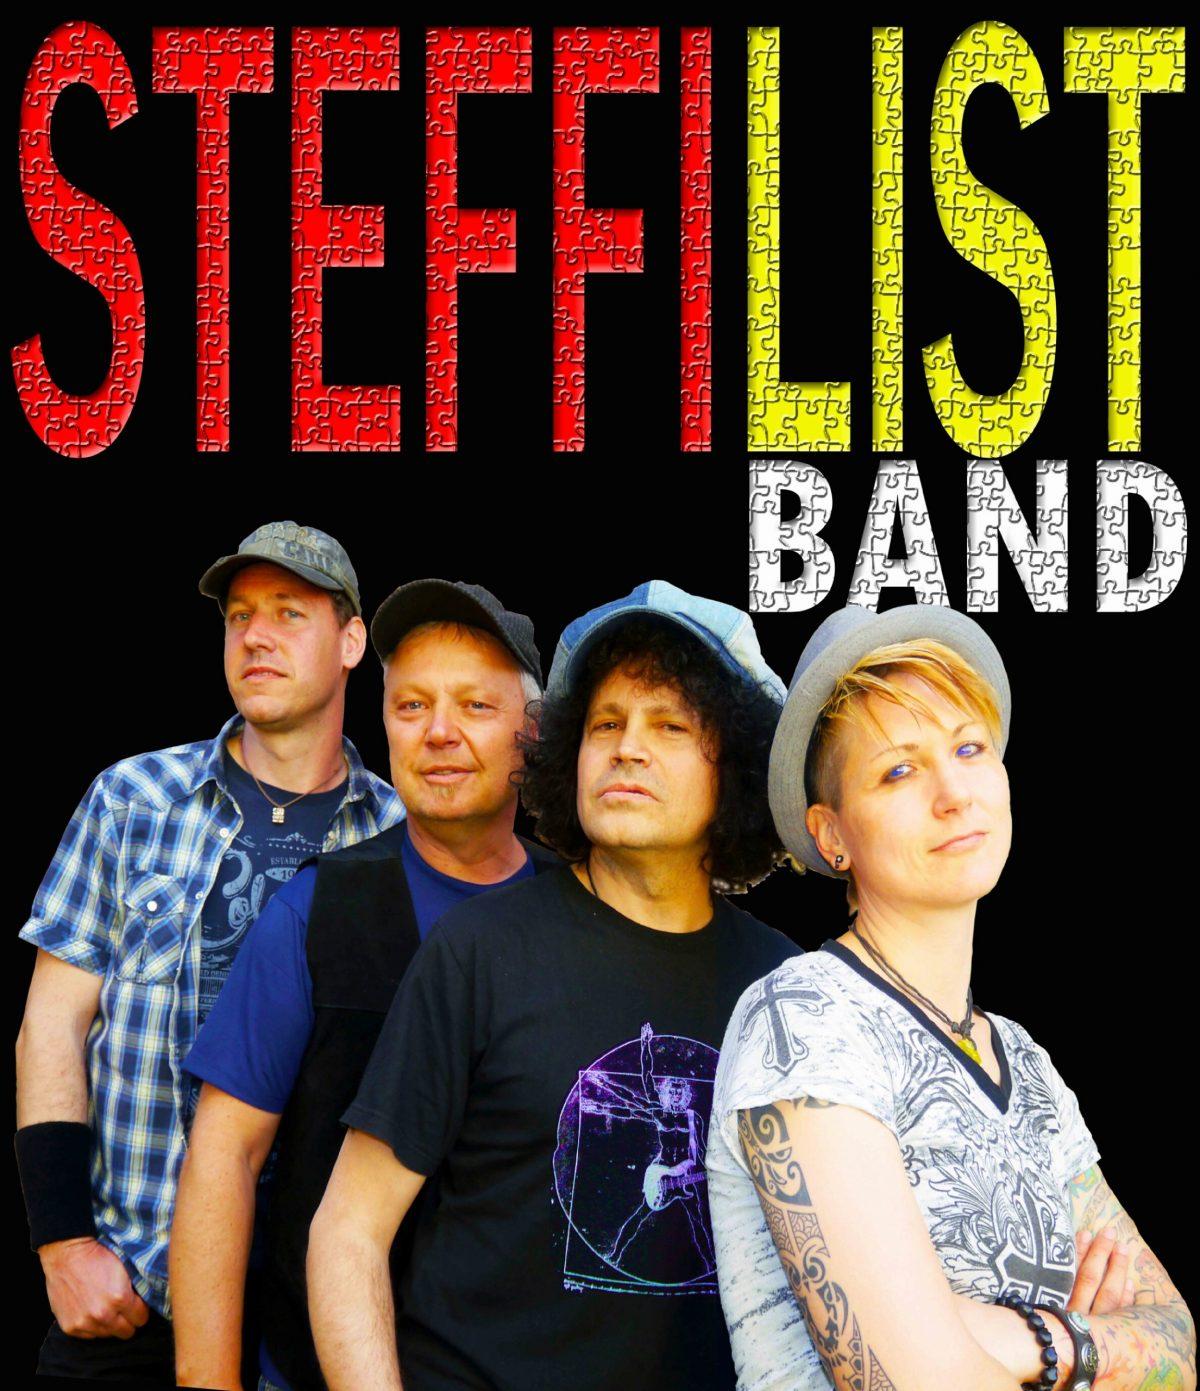 Steffi List Viva la vida